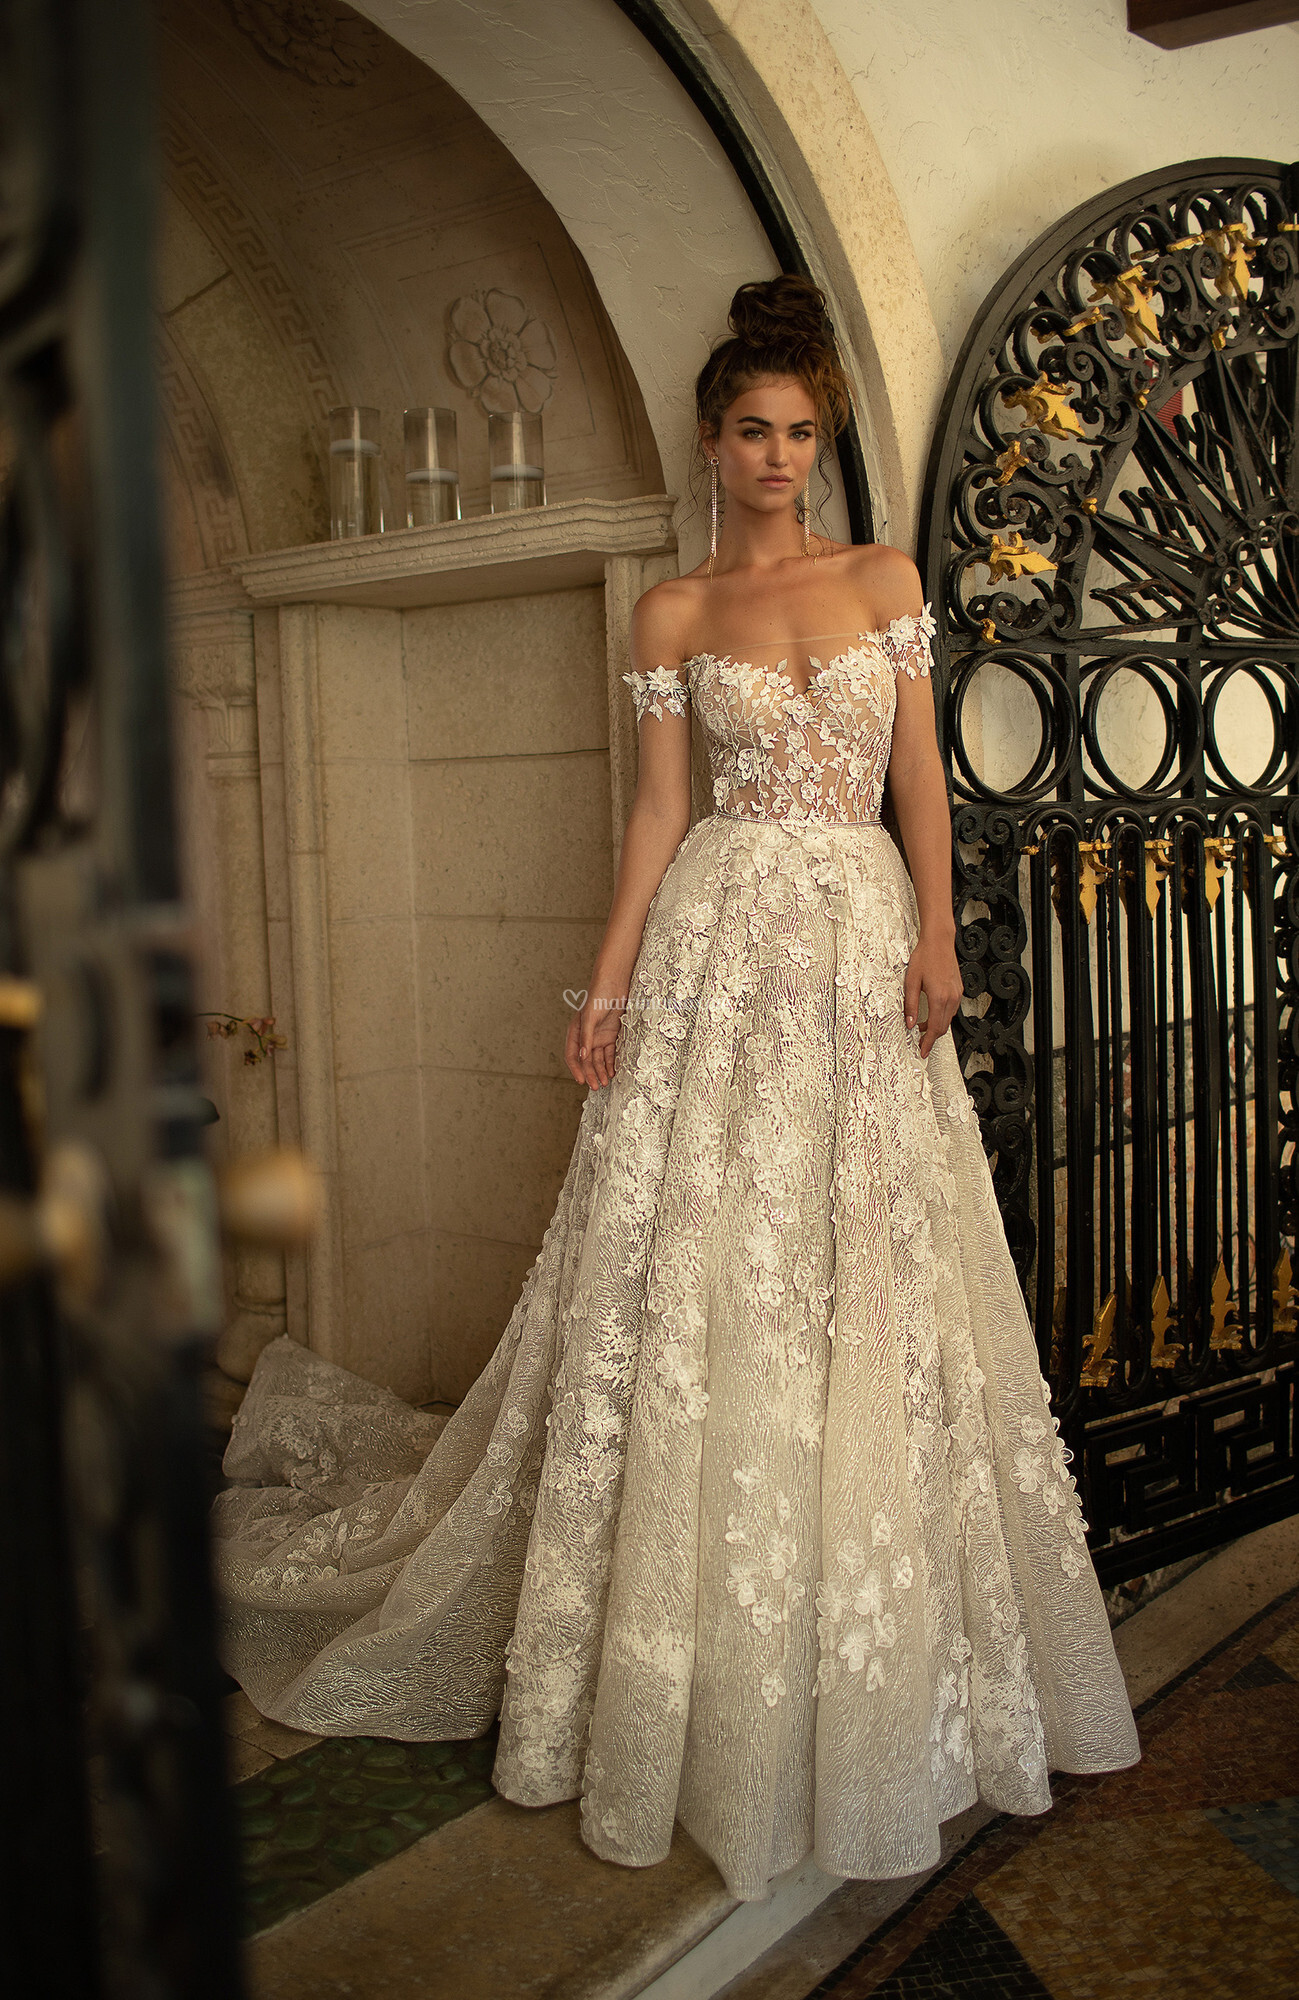 b7e06312222f Abiti da Sposa di Berta Bridal - Matrimonio.com